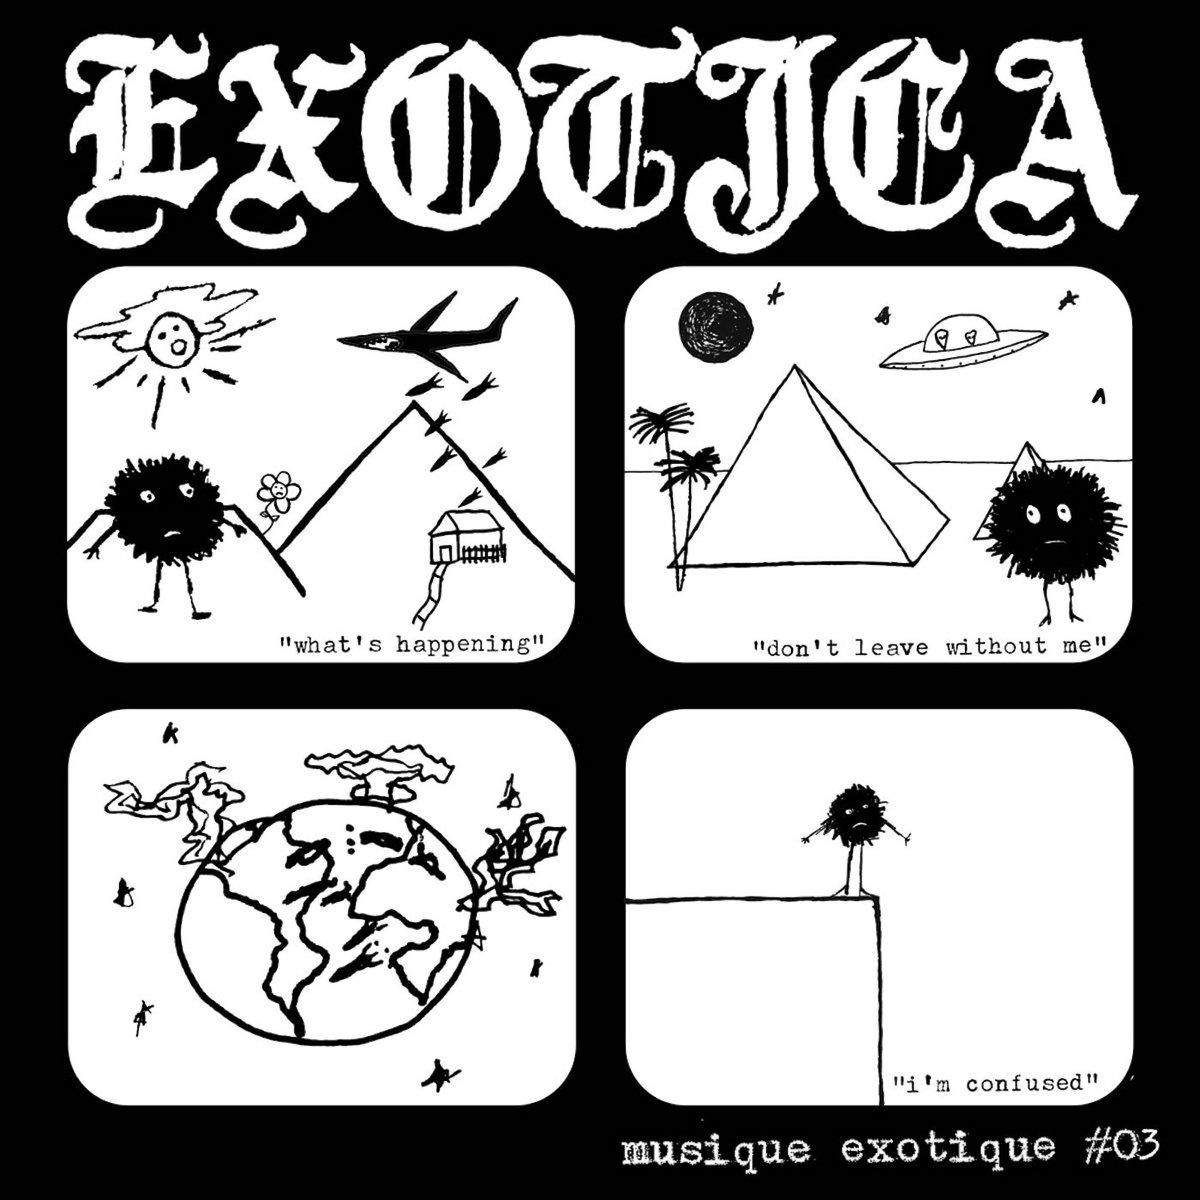 Exotica - Musique Exotique #03 7